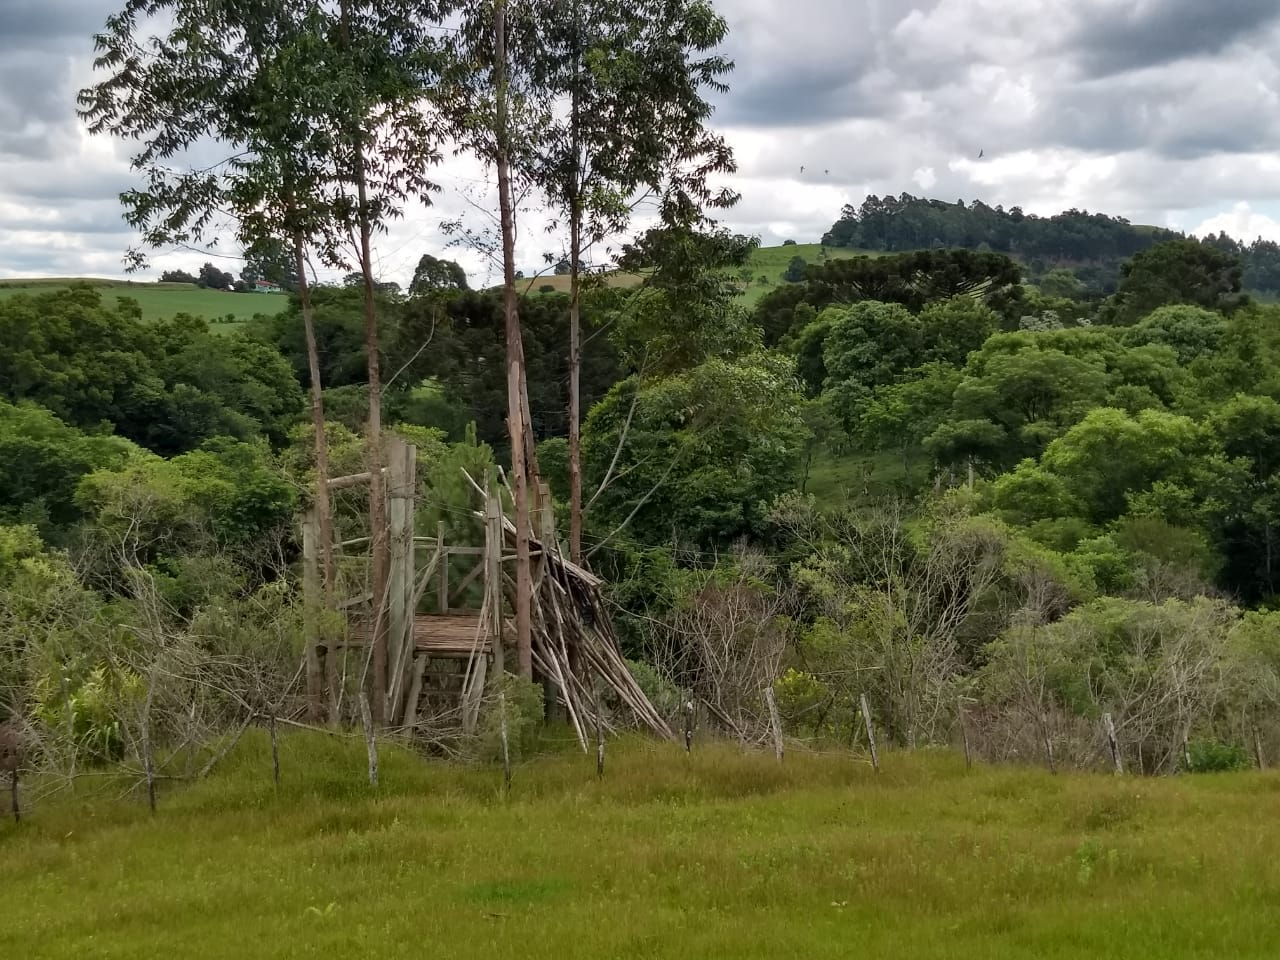 Proprietários de área onde ocorriam estudos ambientais denunciam invasão